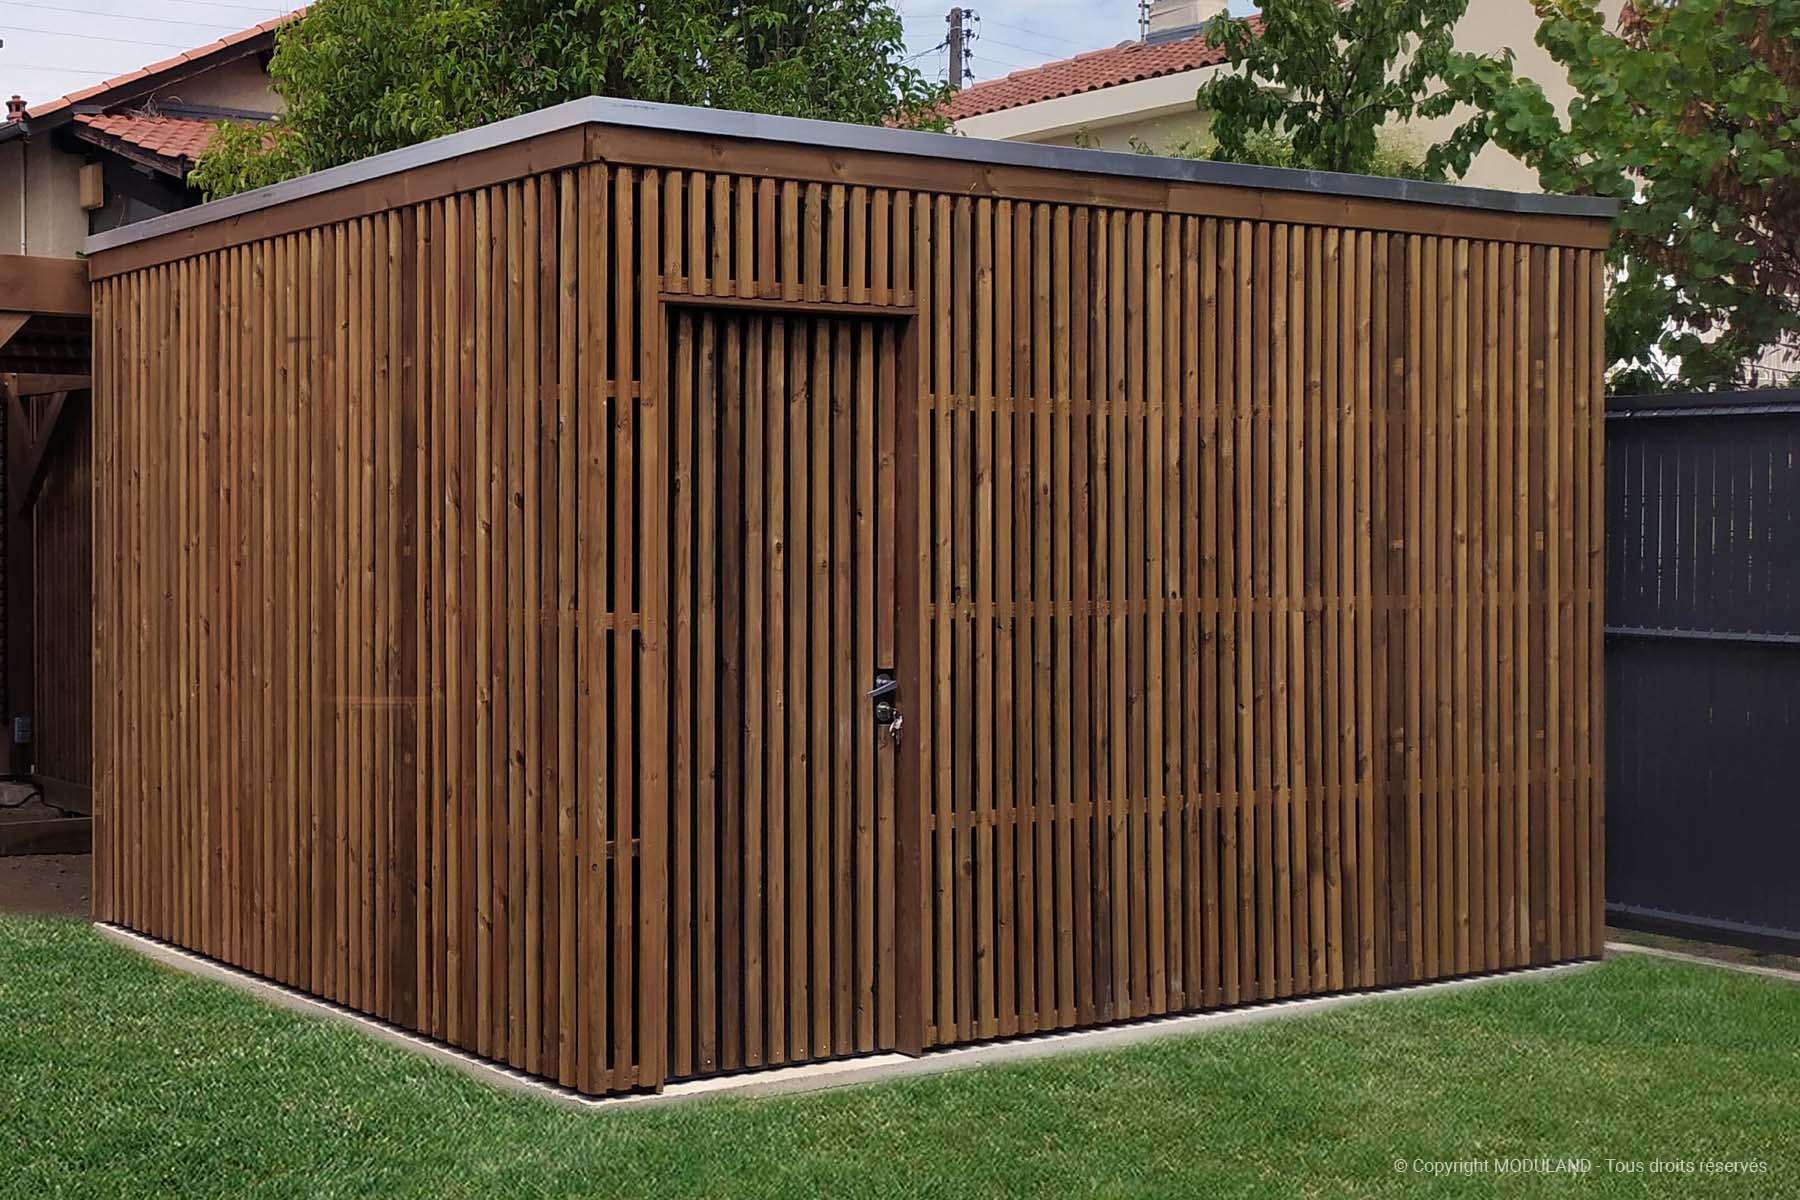 Fabricant D'abris Et Structures Bois Sur Mesure | Moduland avec Abri De Jardin Fabricant